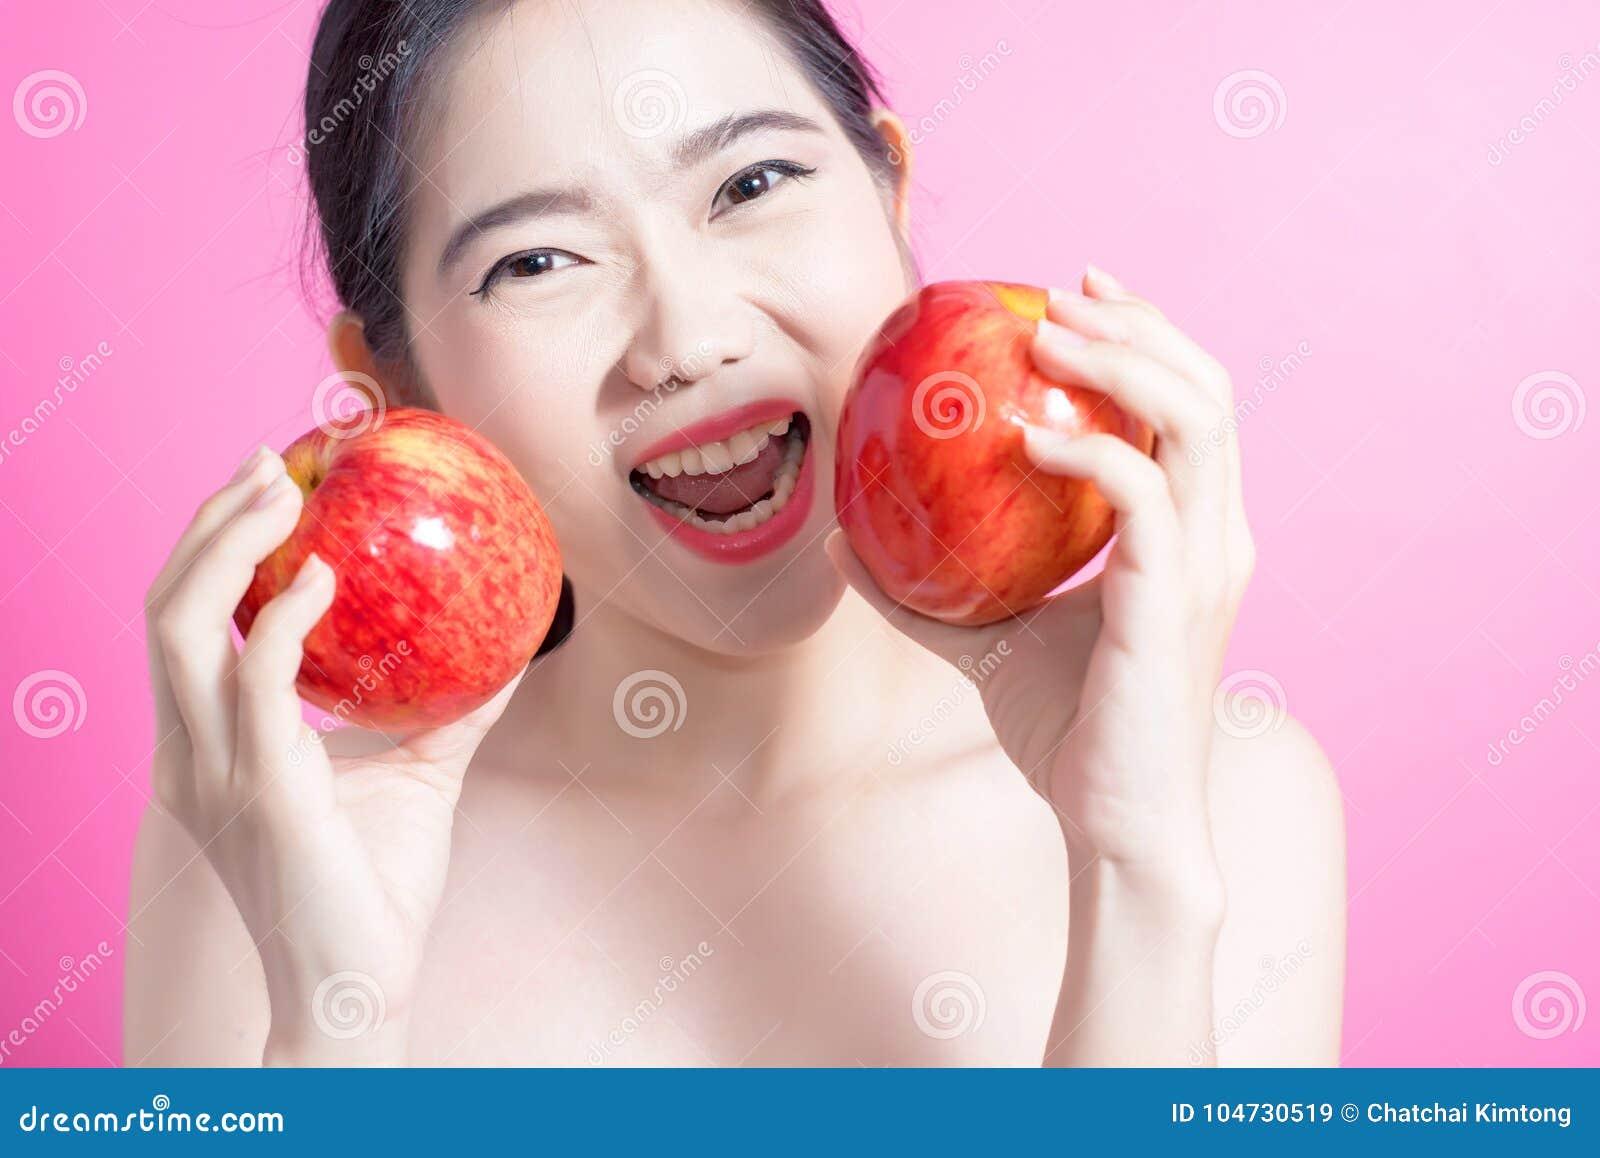 Ασιατική γυναίκα με την έννοια μήλων Αυτή που χαμογελά και που κρατά το μήλο Πρόσωπο ομορφιάς και φυσικό makeup Απομονωμένος πέρα